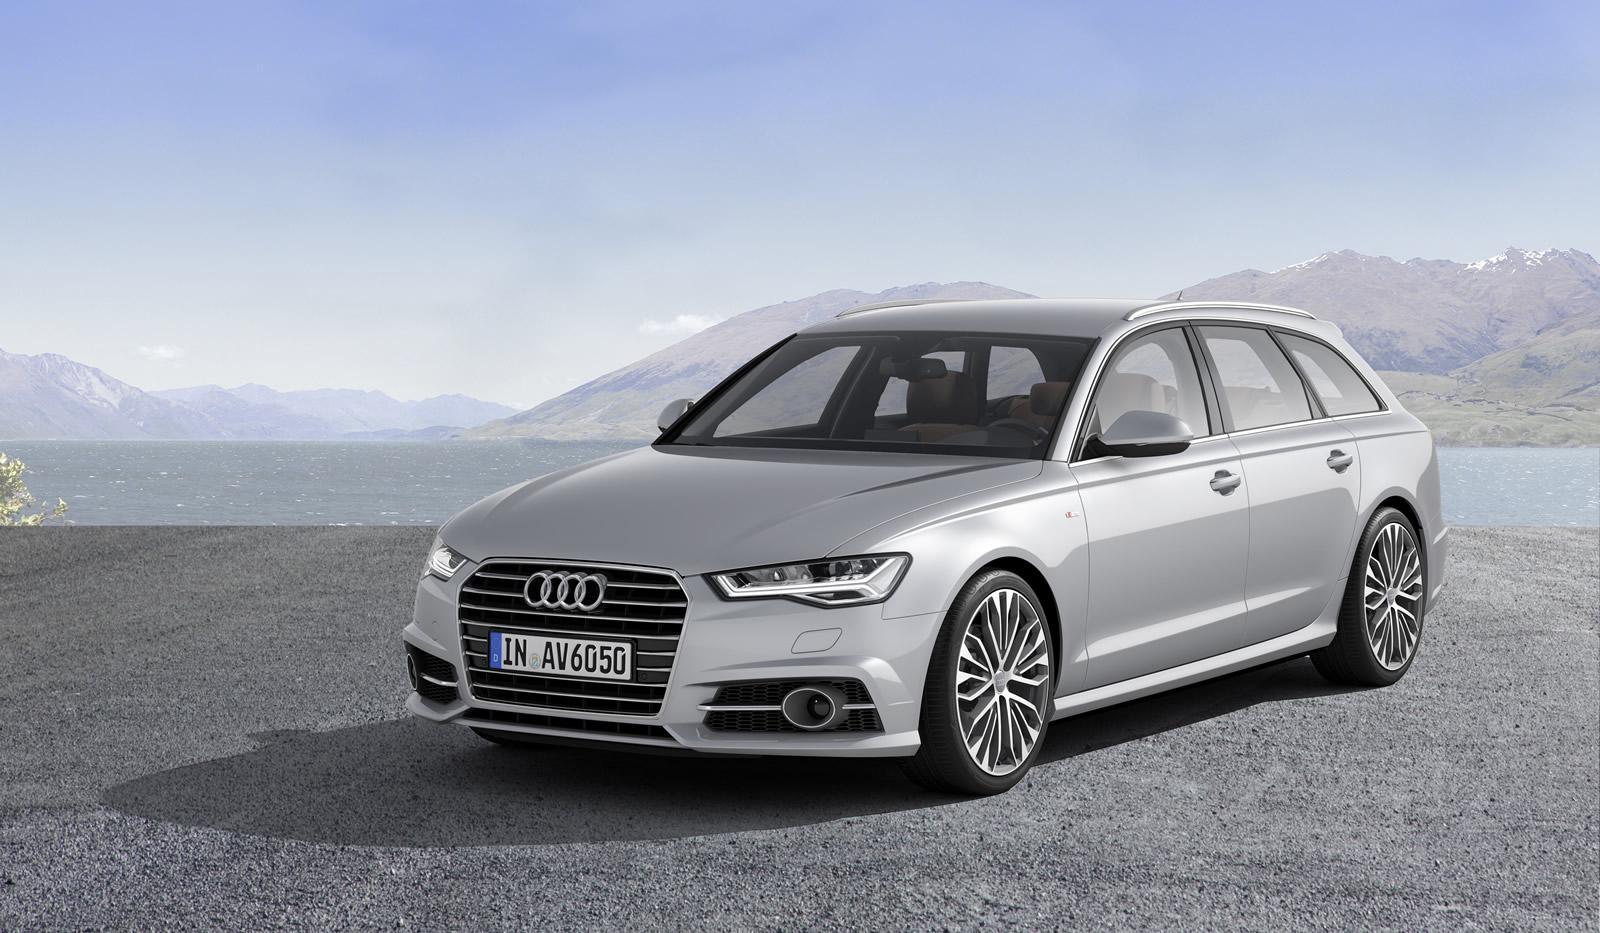 Audi a4 avant dimensioni consumi listino prezzi colori for Quali sono le dimensioni di un garage per auto